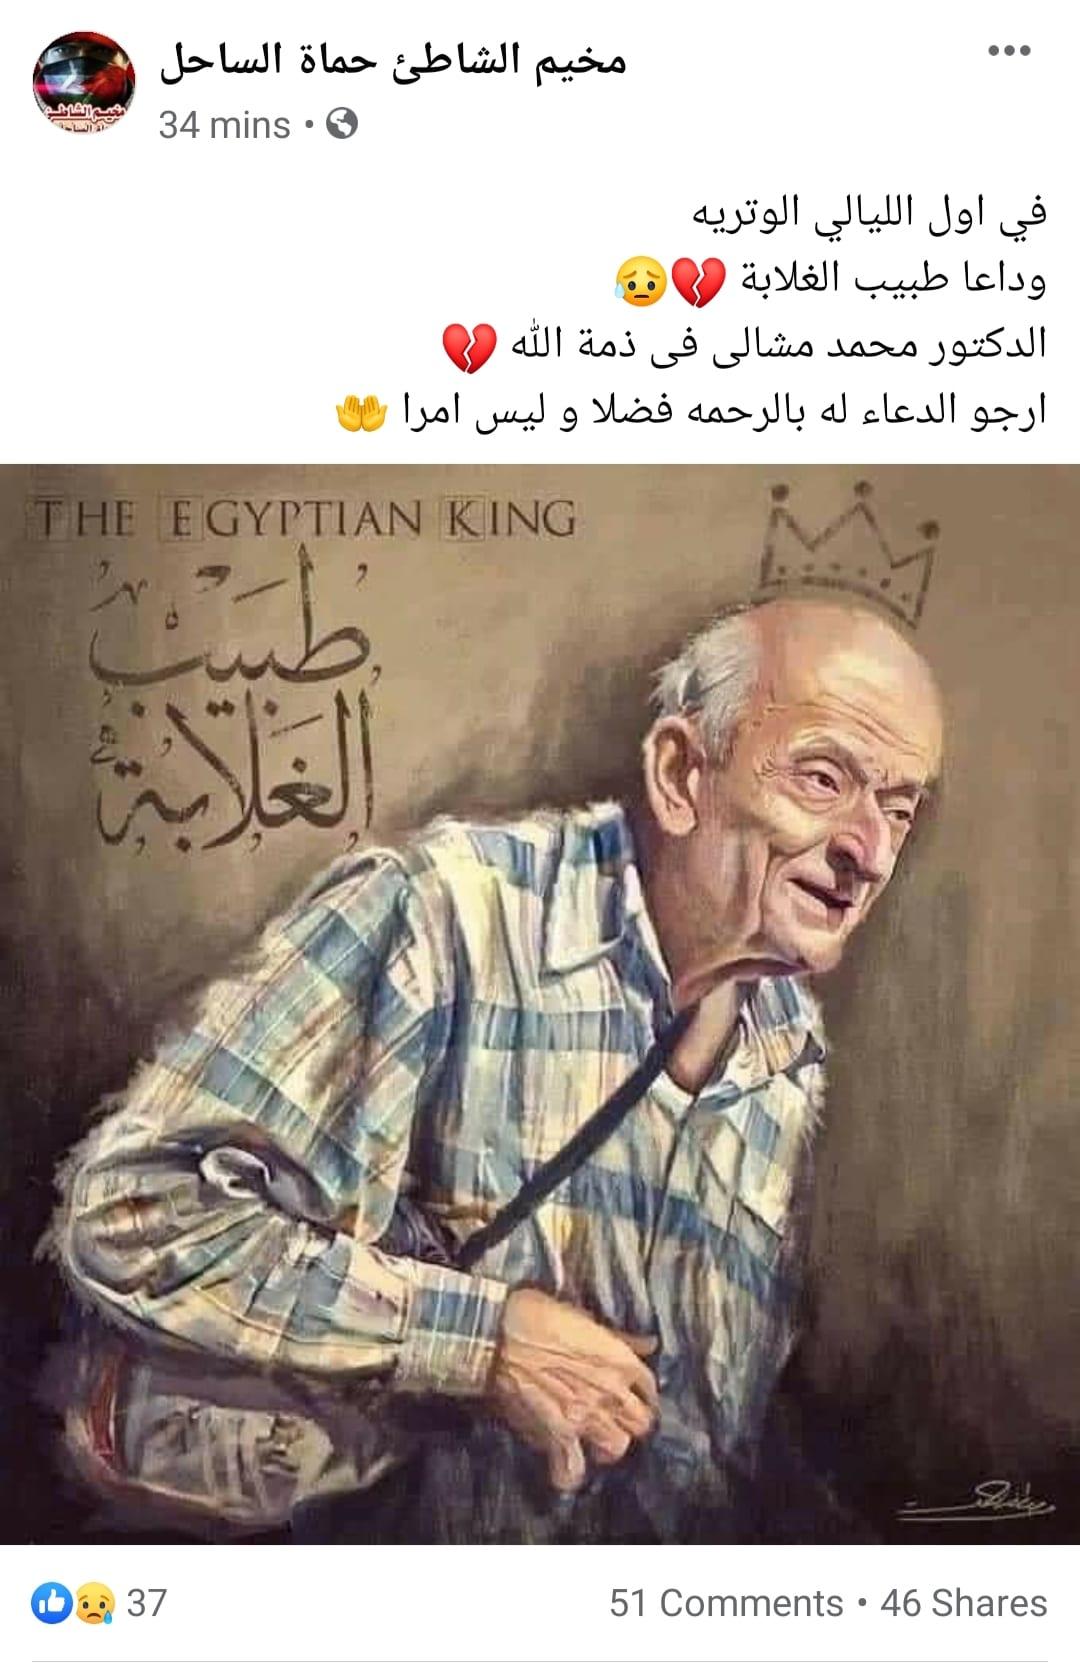 وفاة طبيب الغلابة محمد مشالي في ذمة الله